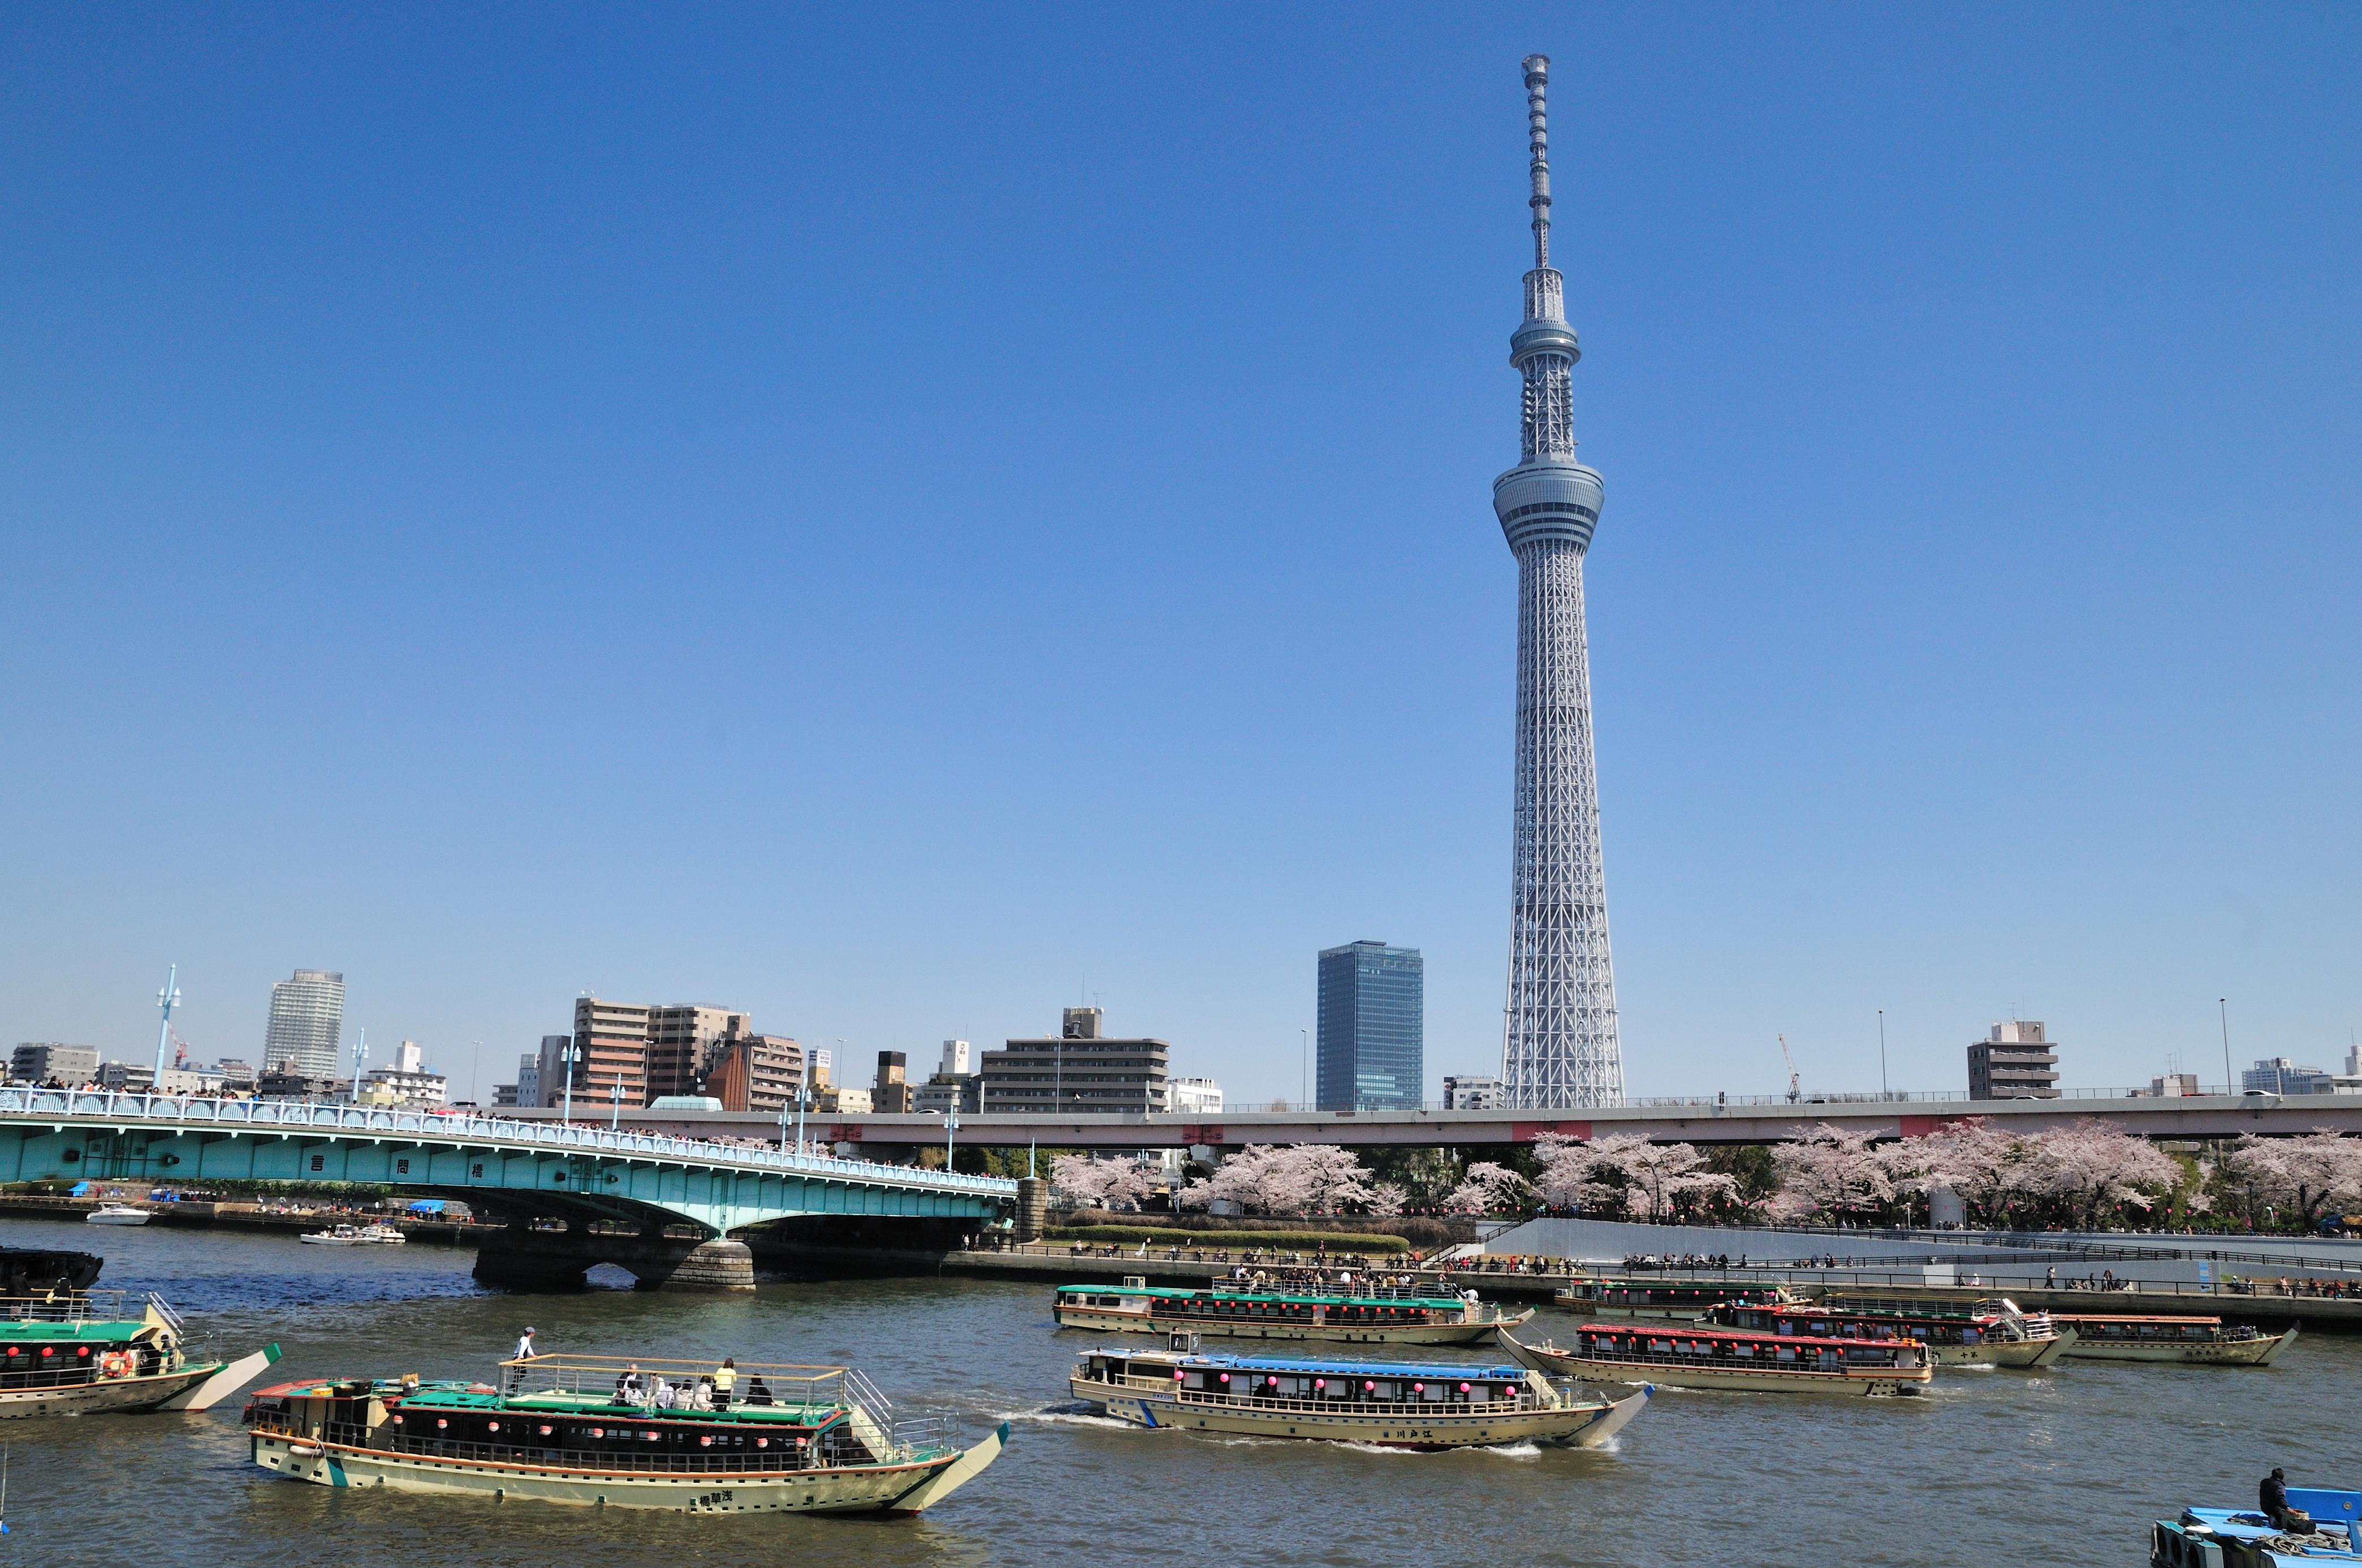 桜が咲いた春の隅田川を運行する多数の屋形船と東京スカイツリー